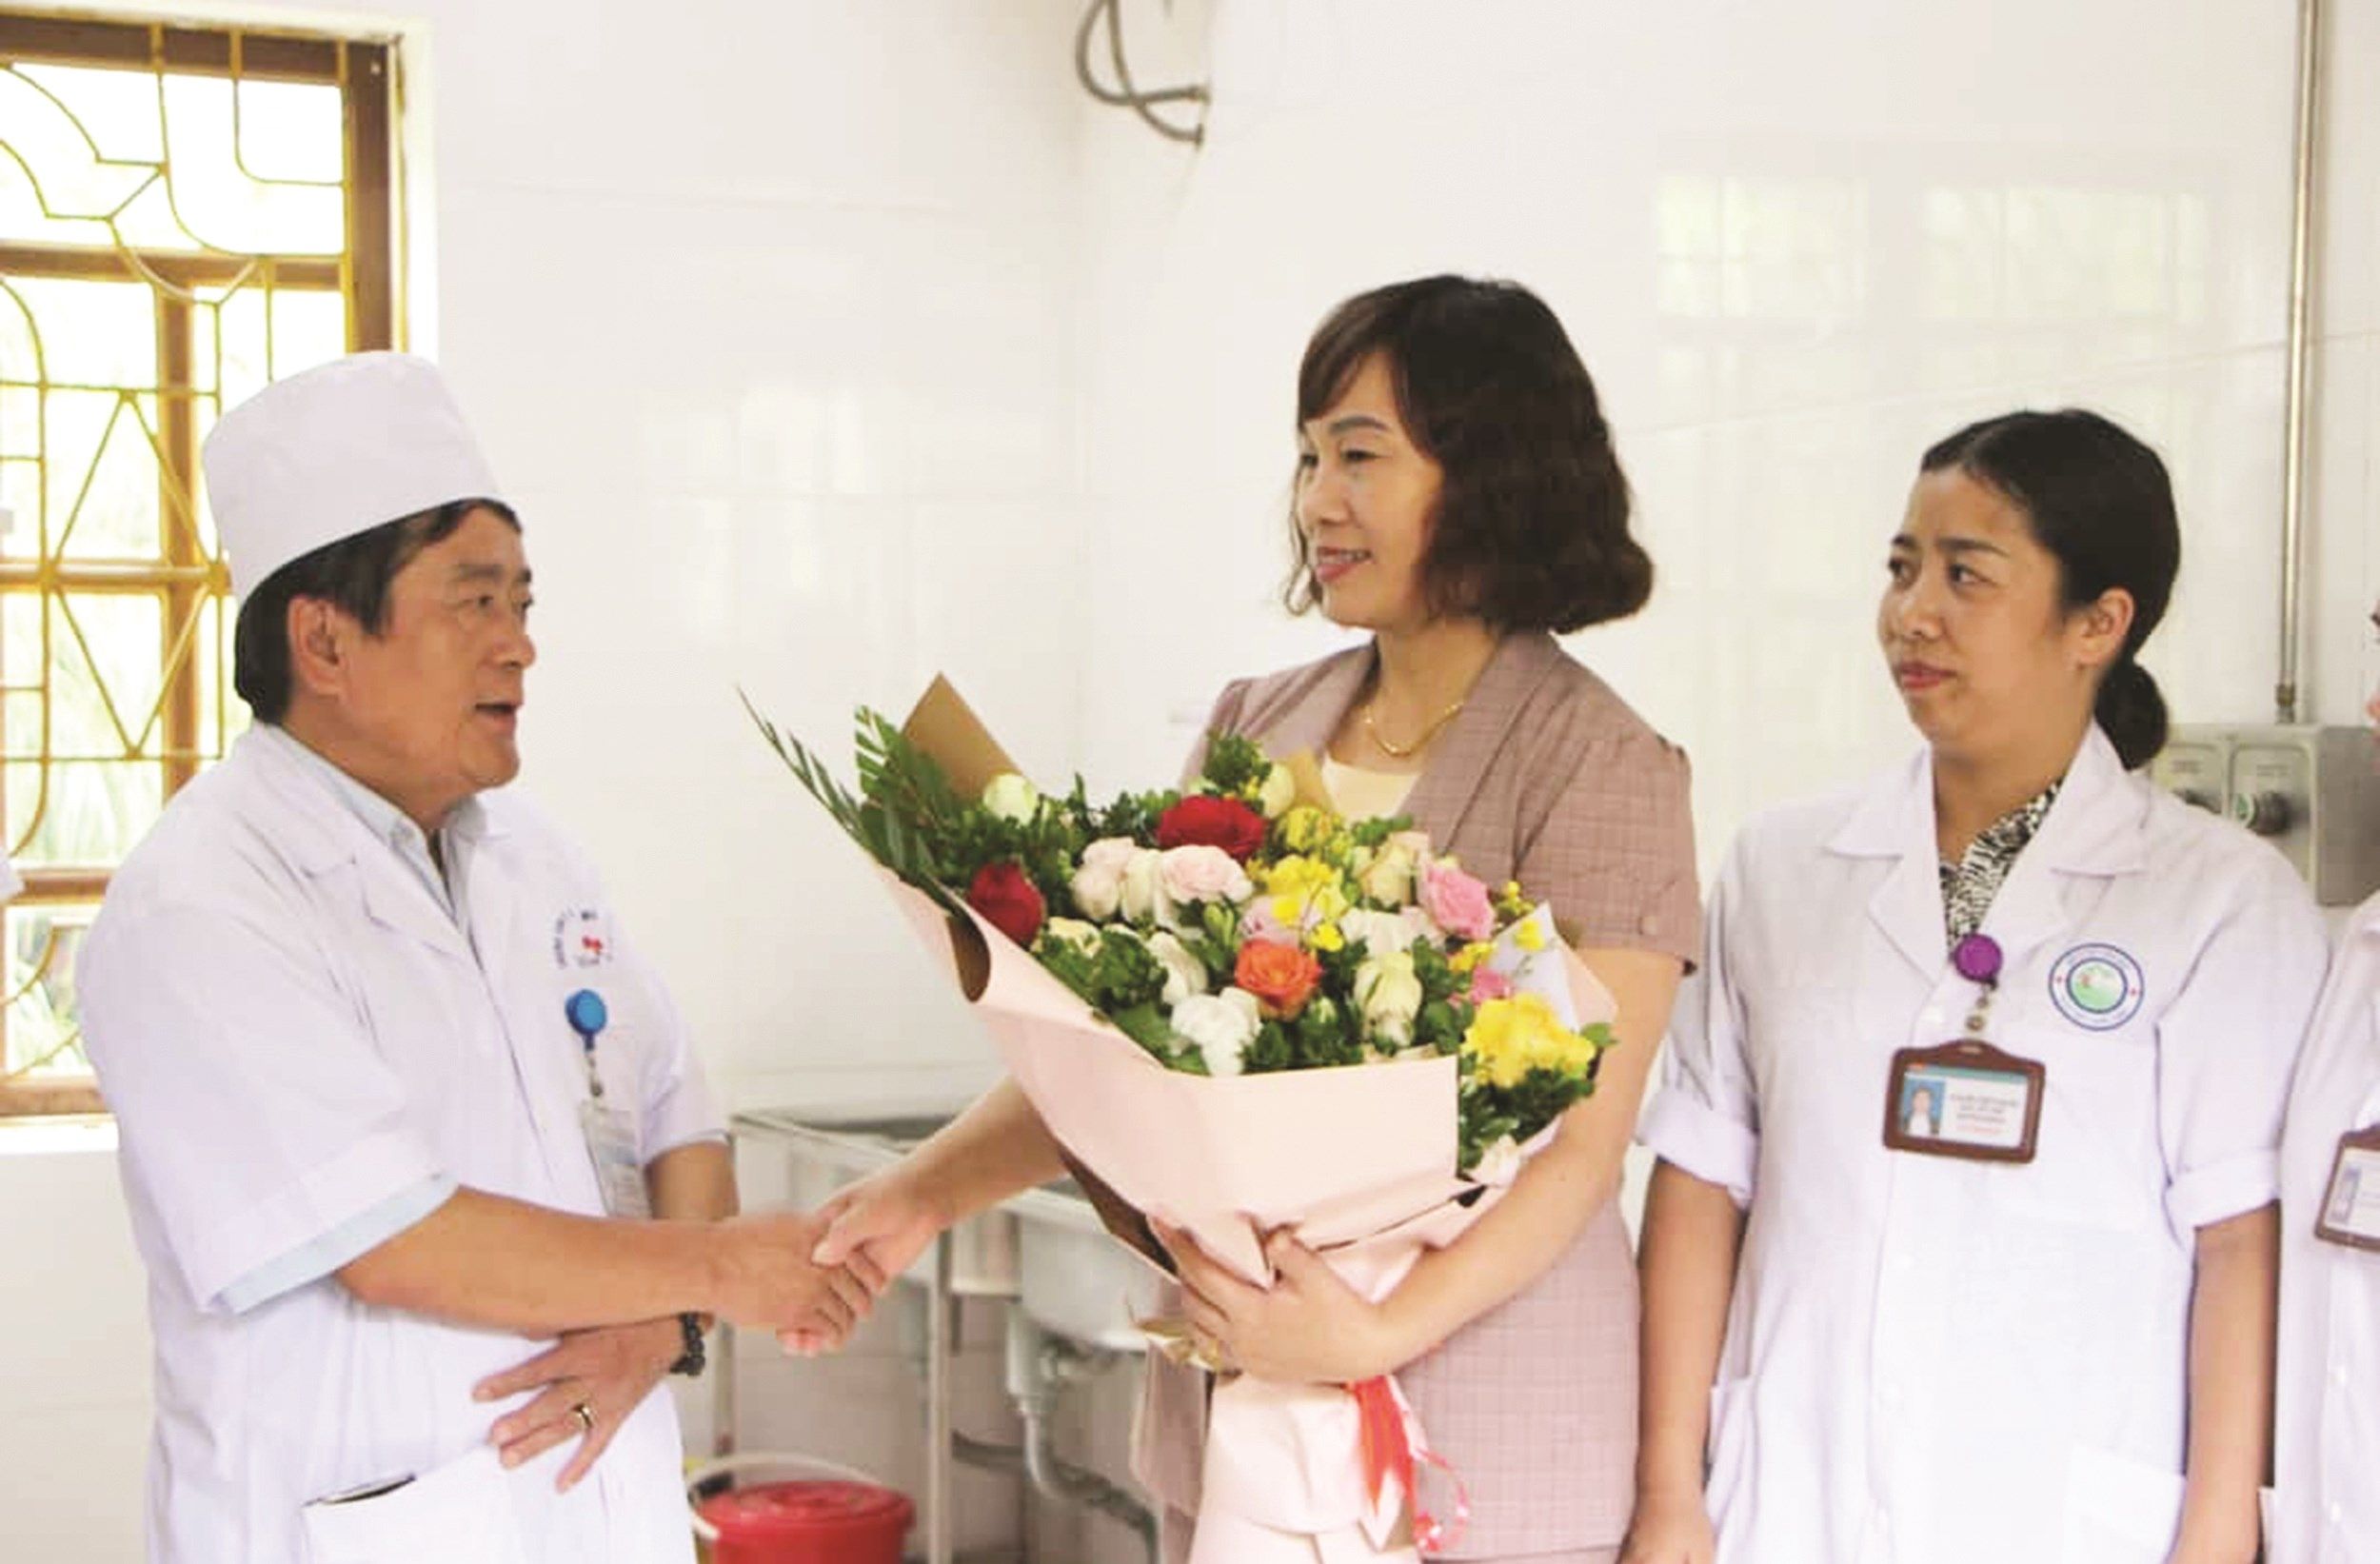 Phó Chủ tịch huyện Mù Cang Chải -Lương Thị Xuyến đến thăm và chúc mừng bác sĩ Cứ A Hồng nhân Ngày Thầy thuốc Việt Nam.